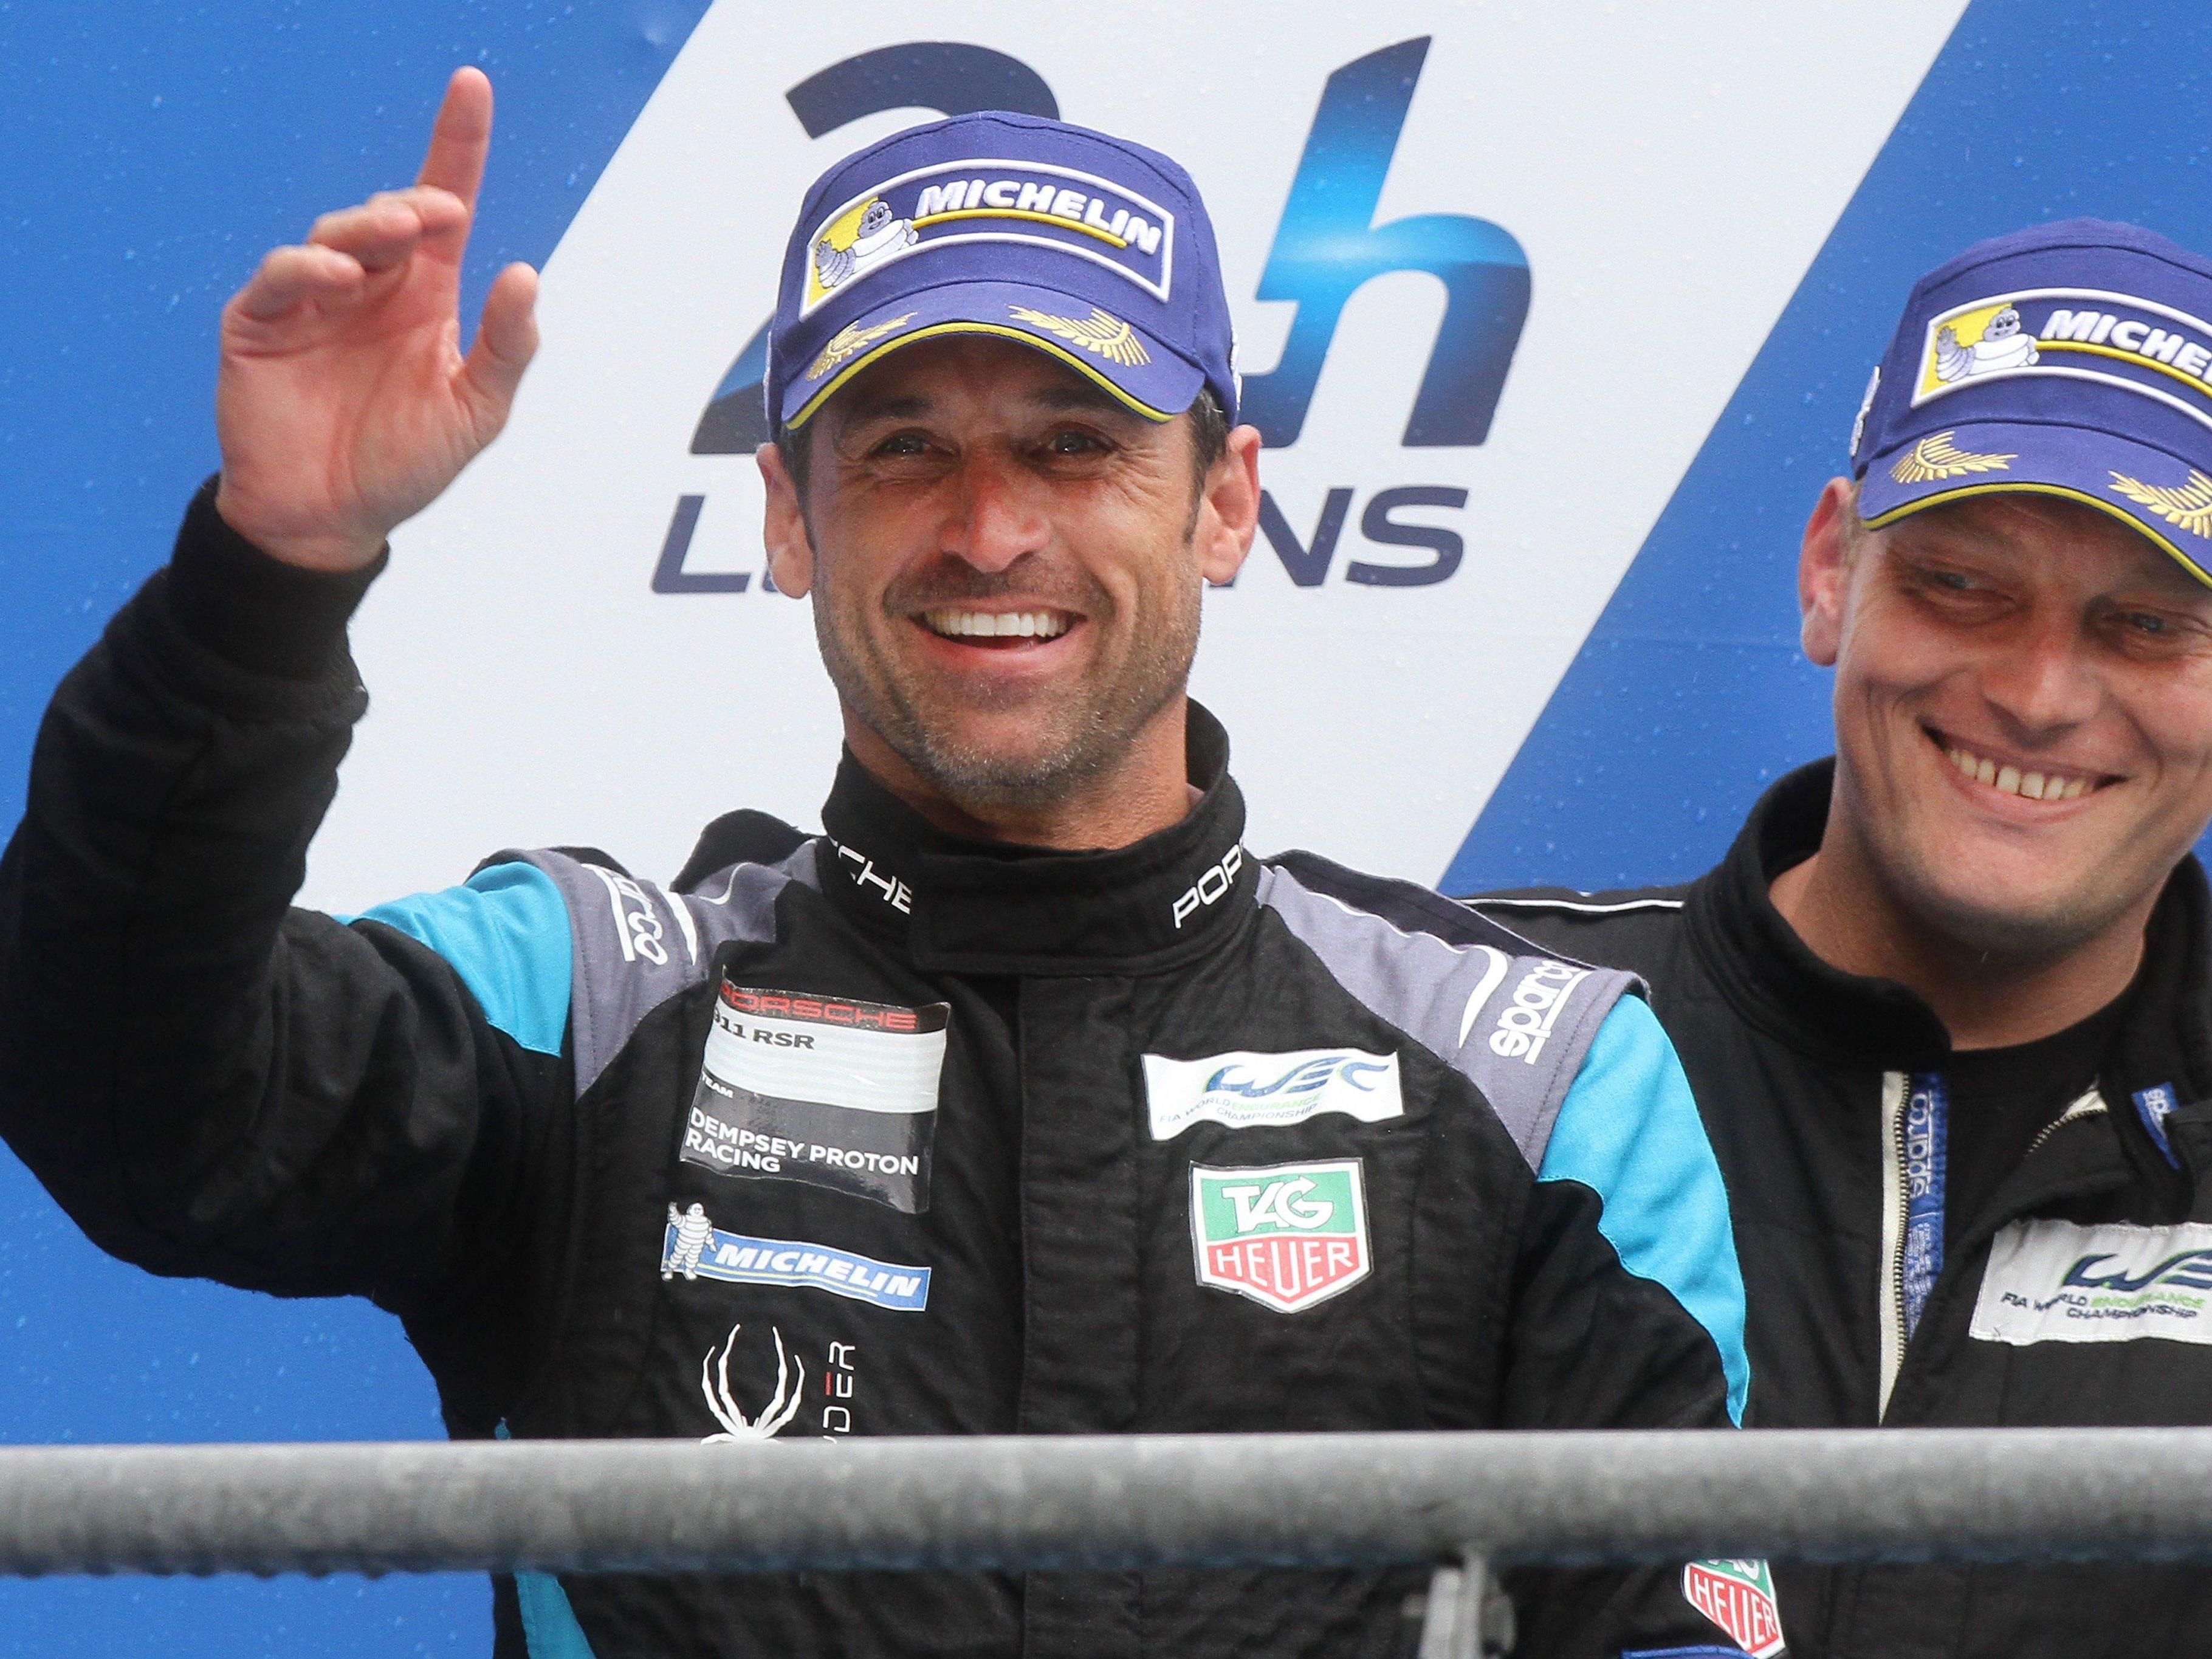 Hobbyrennfahrer Patrick Dempsey Feierte Zweiten Platz In Le Mans